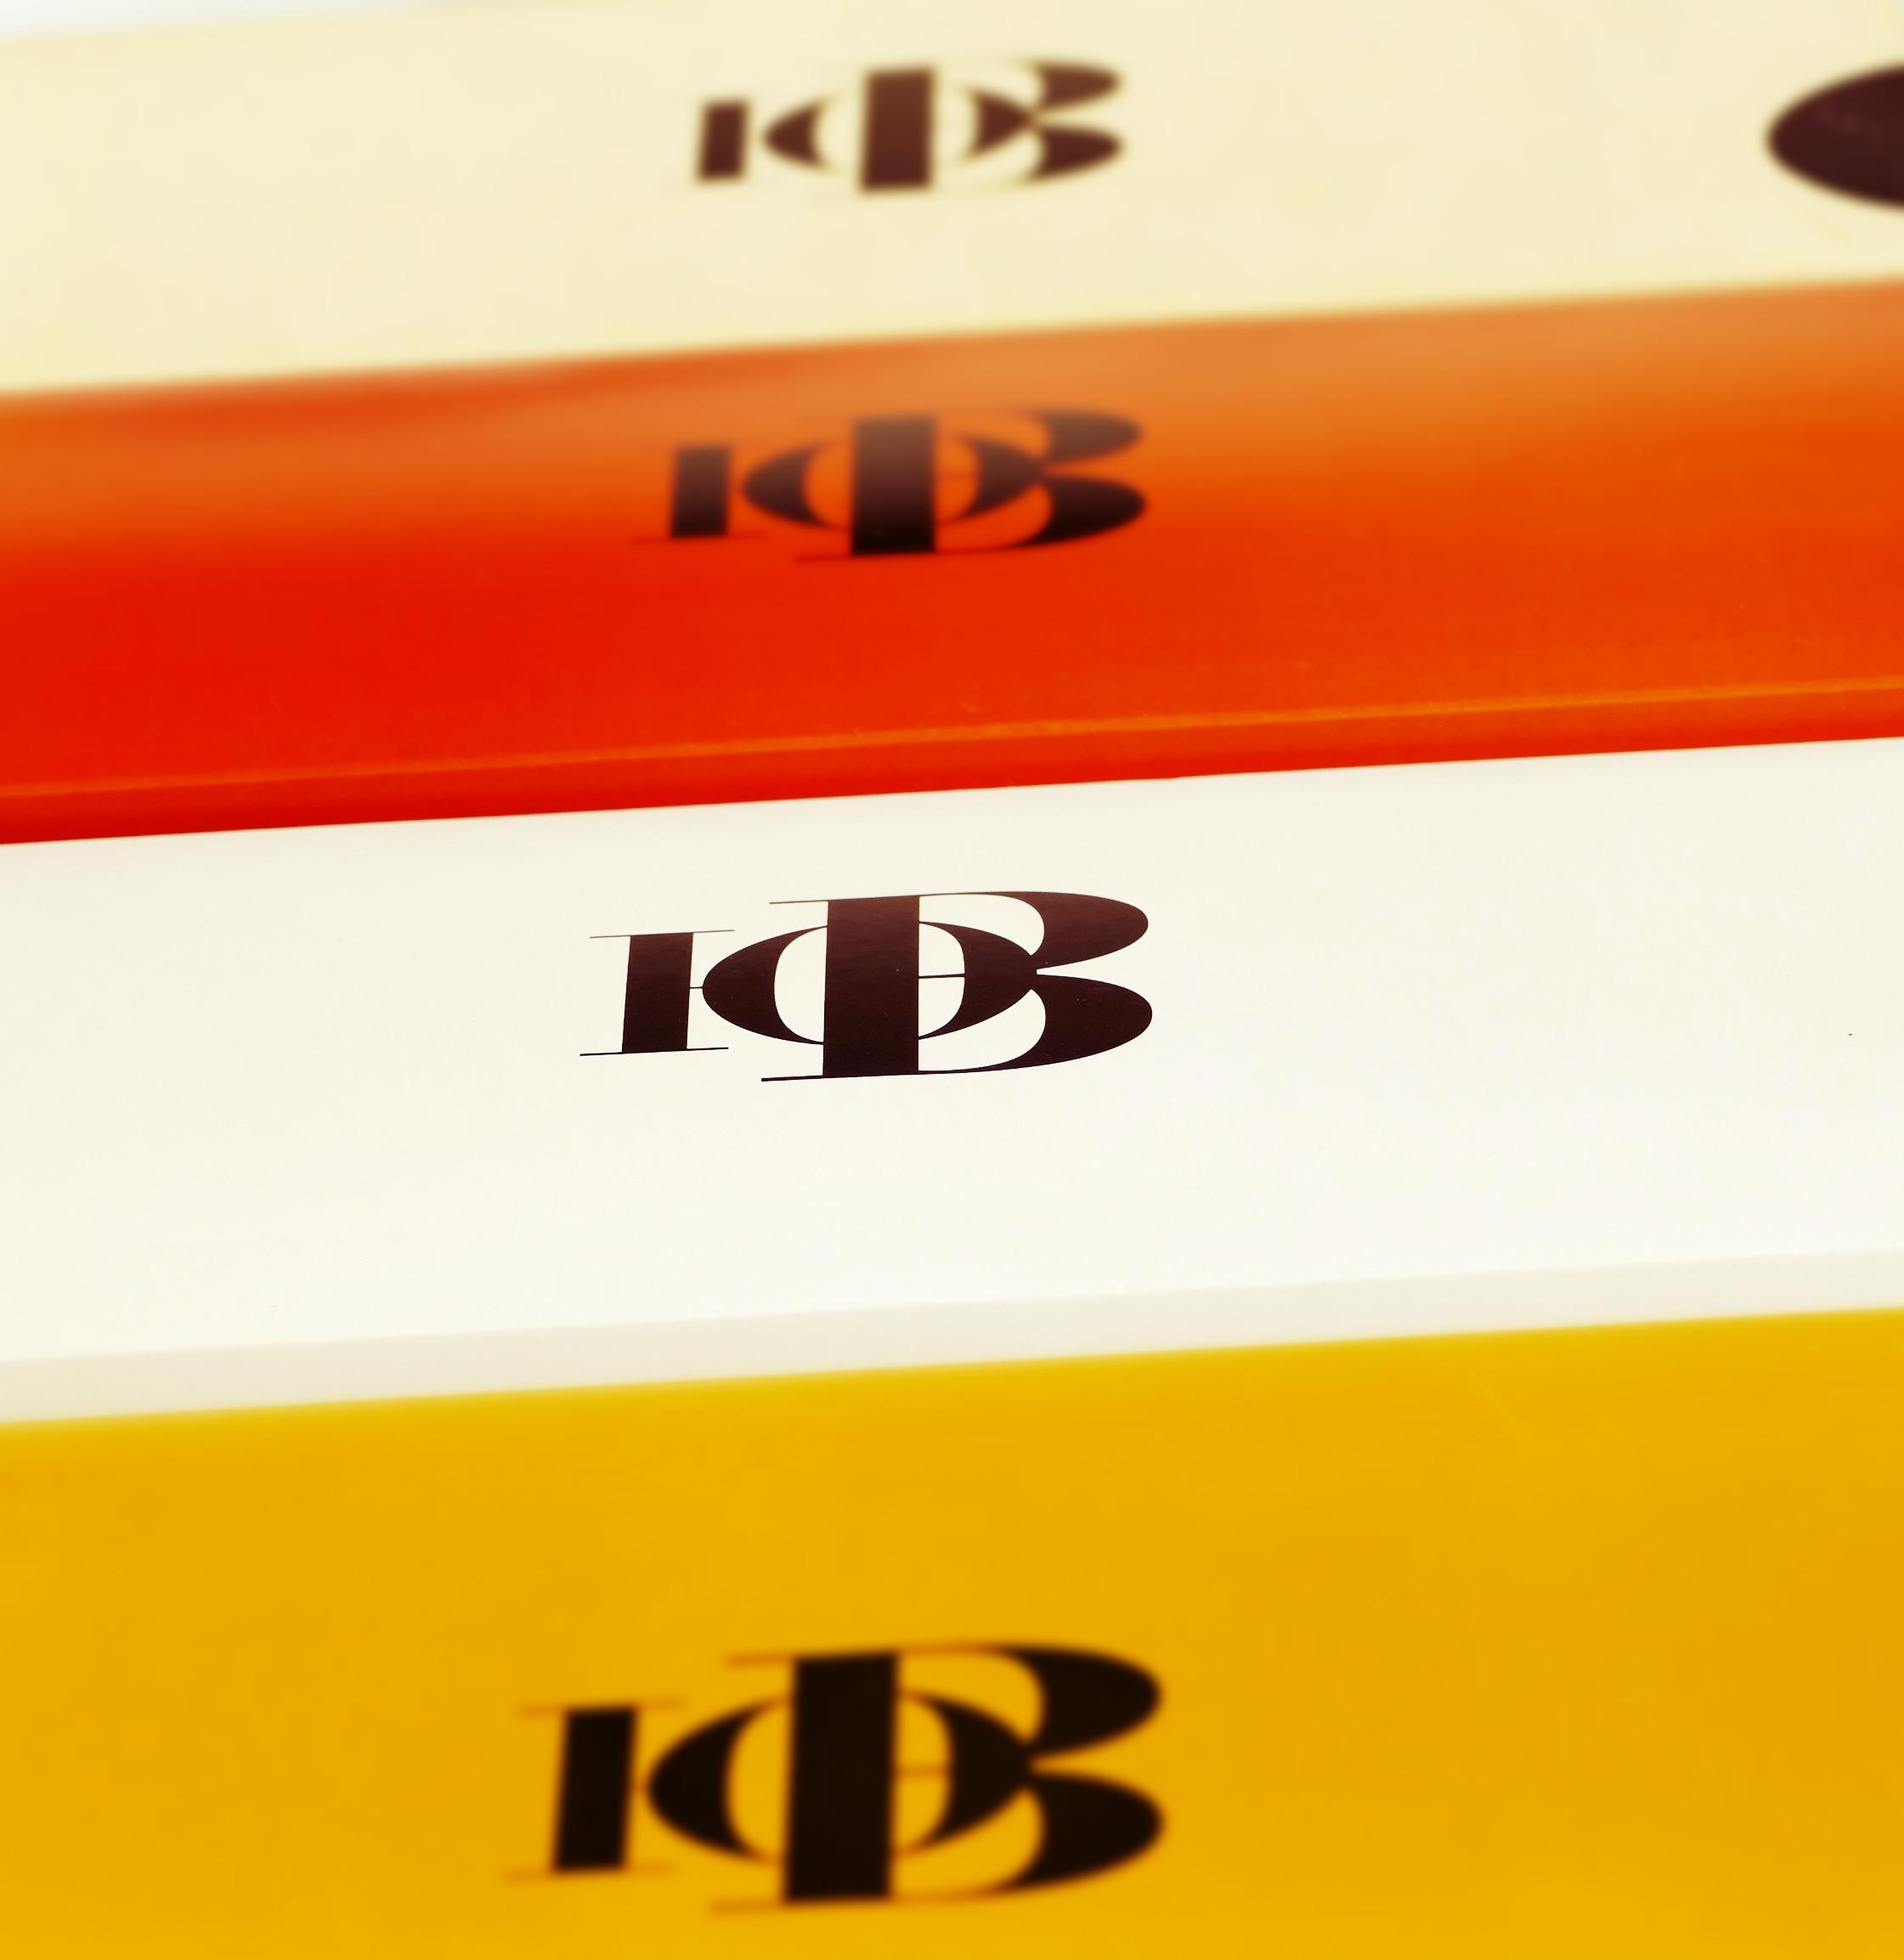 логотип на коробках в ряд.jpg